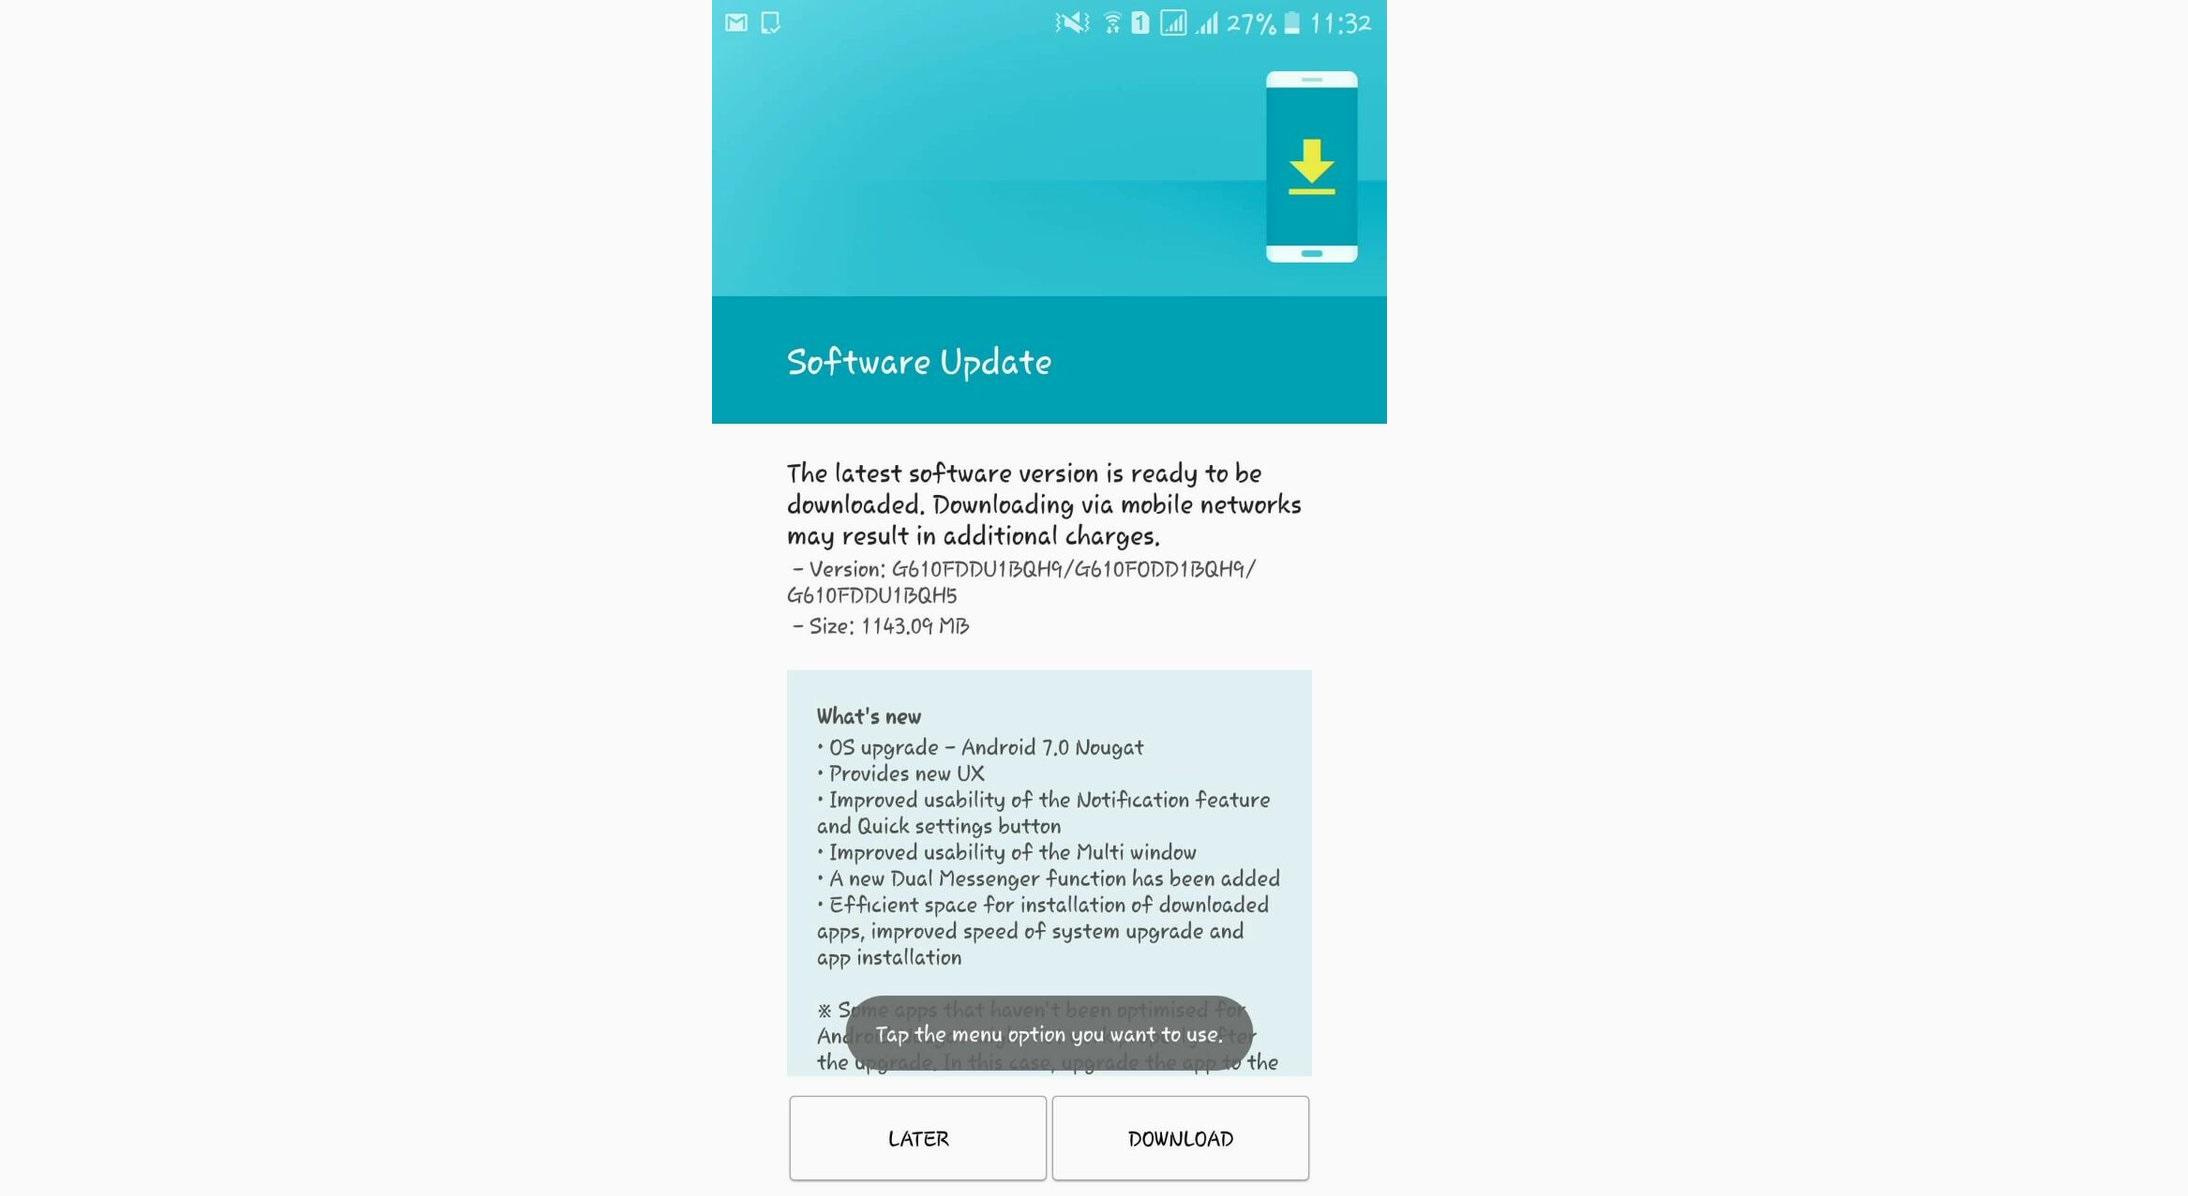 اندروید 7 به طور رسمی برای سامسونگ گلکسی جی 7 پرایم (Galaxy J7 Prime) منتشر شد